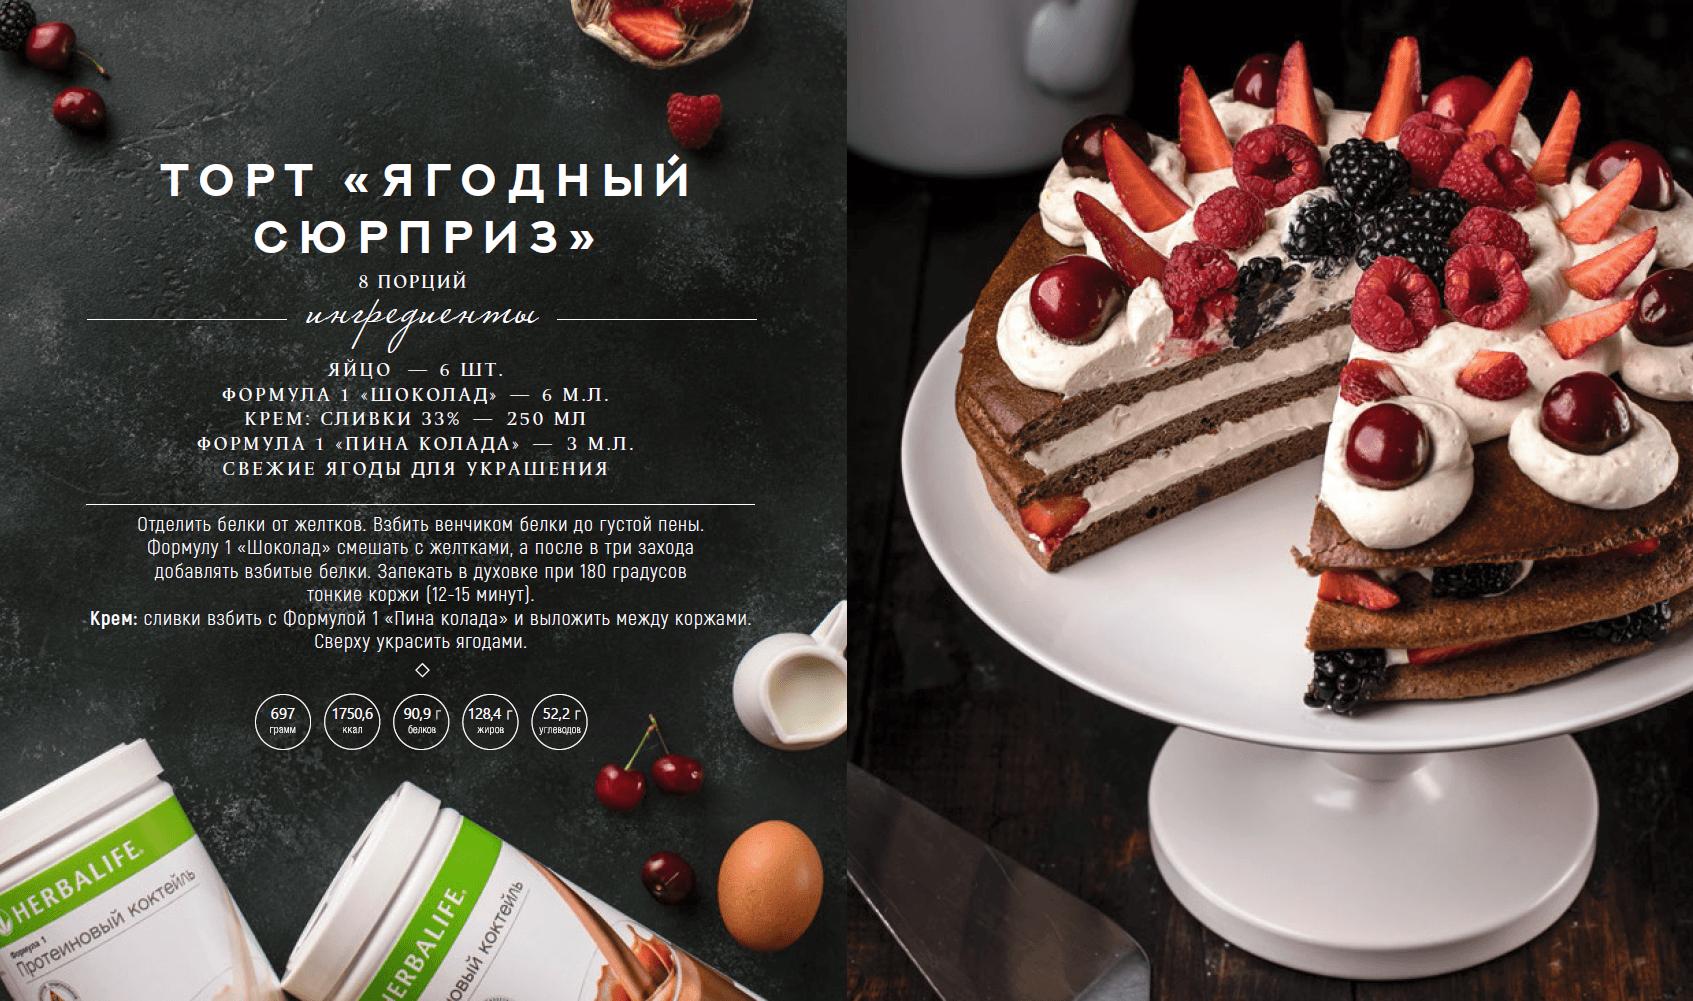 торт ягодный сюрприз гербалайф рецепт